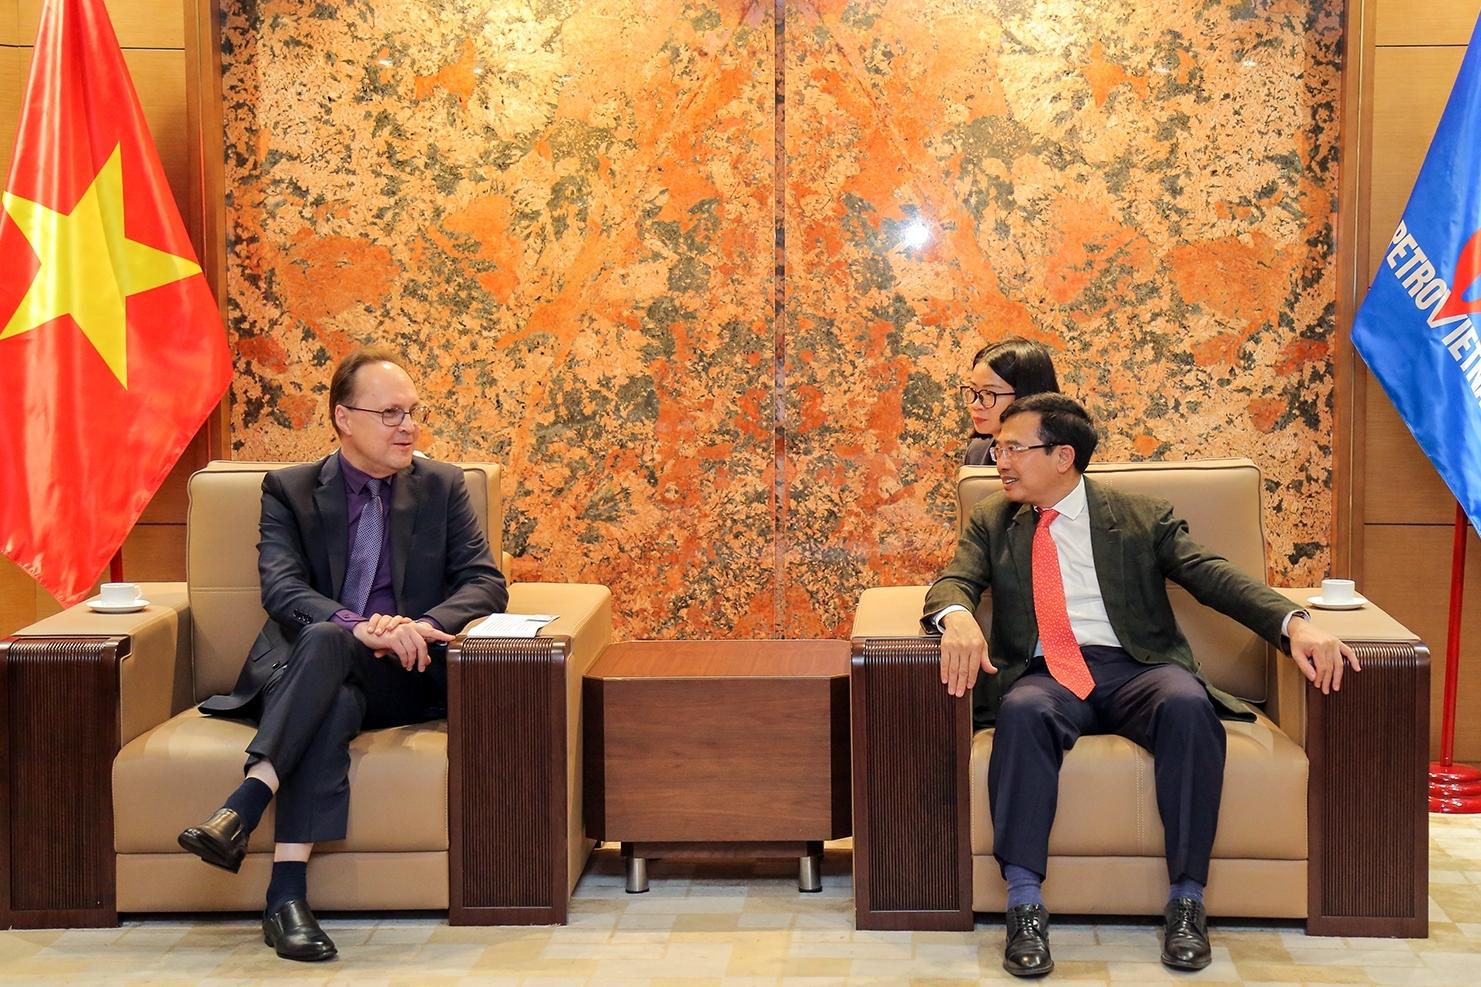 Chủ tịch HĐTV Petrovietnam Hoàng Quốc Vượng tiếp tân Đại sứ Liên bang Nga tại Việt Nam